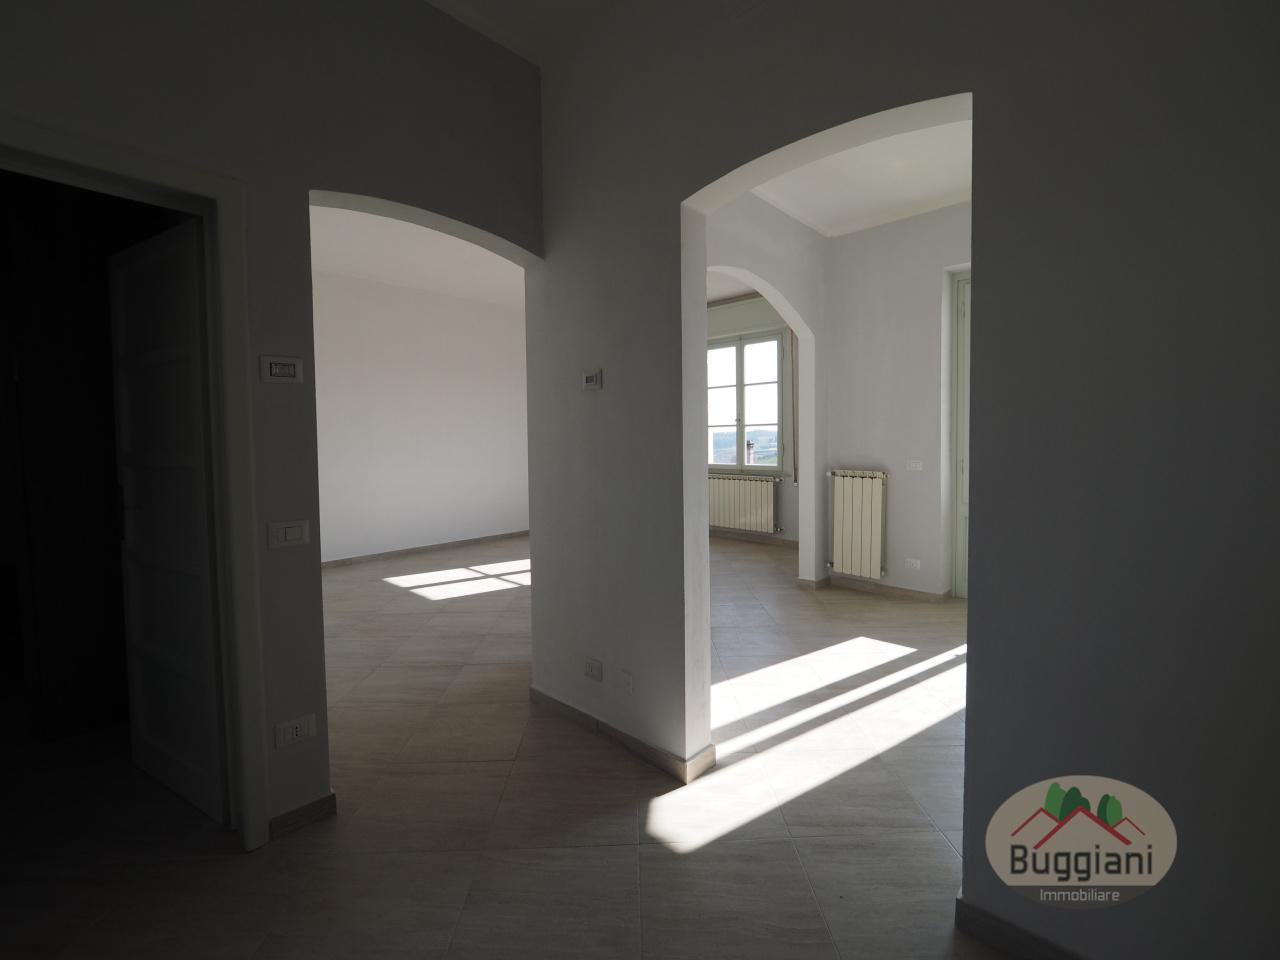 Appartamento in vendita RIF. 1698, San Miniato (PI)